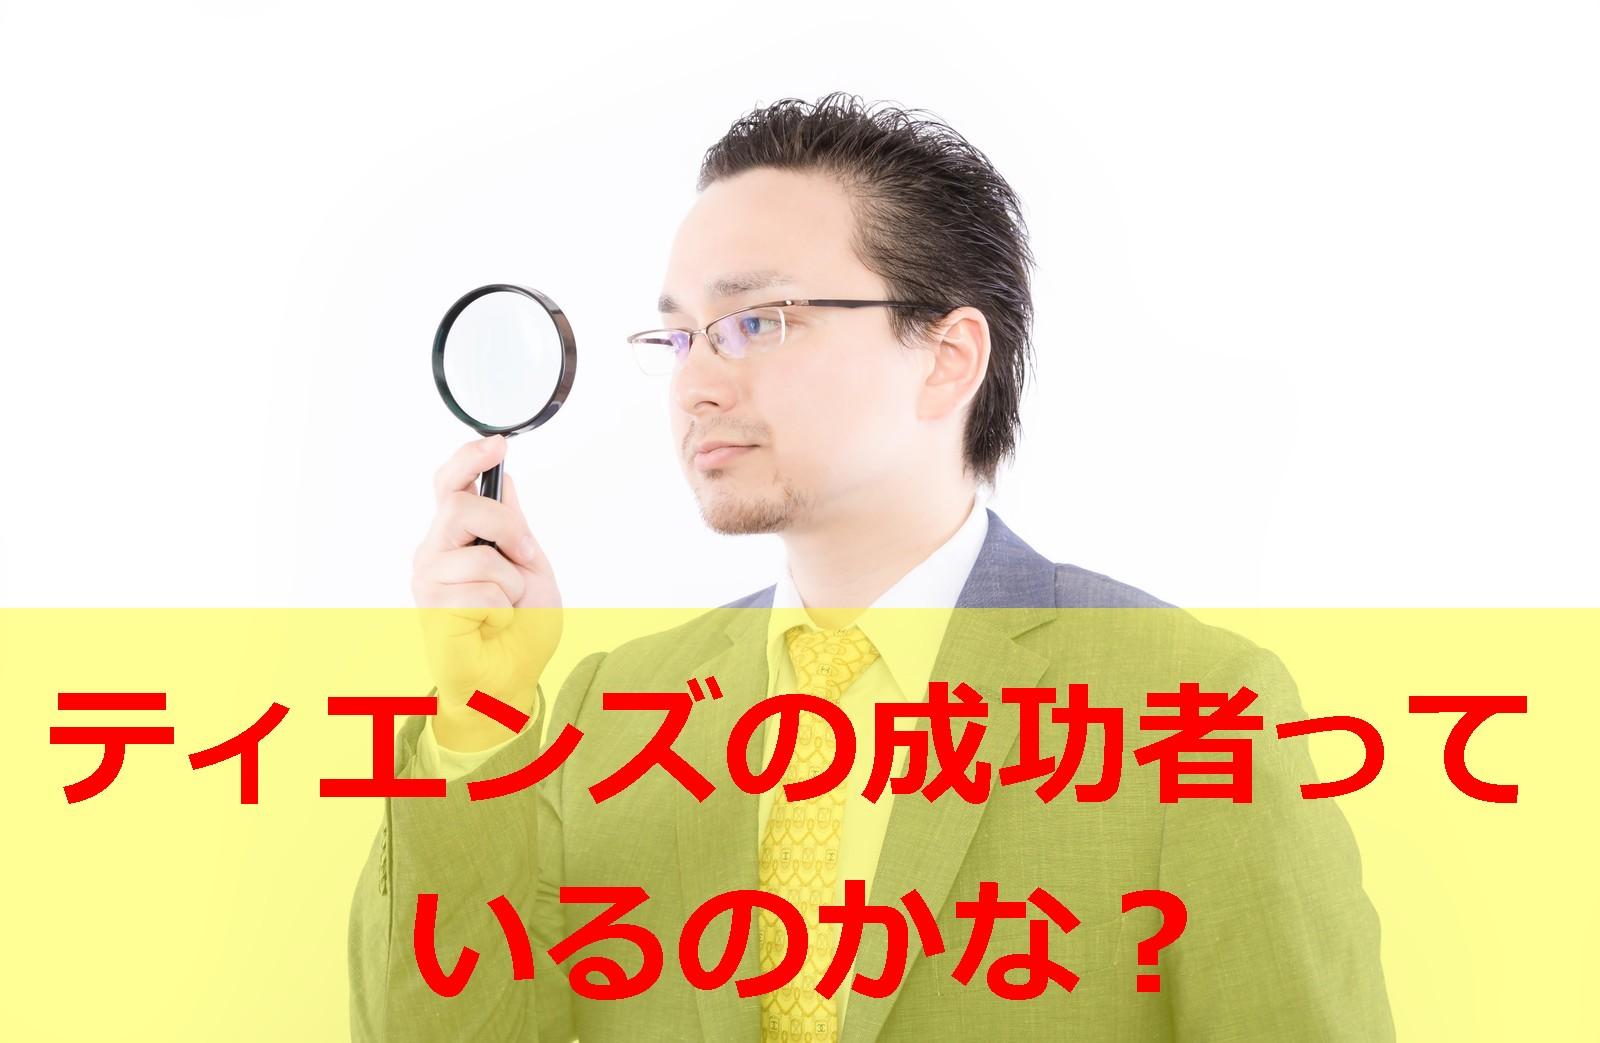 虫眼鏡を持った男画像